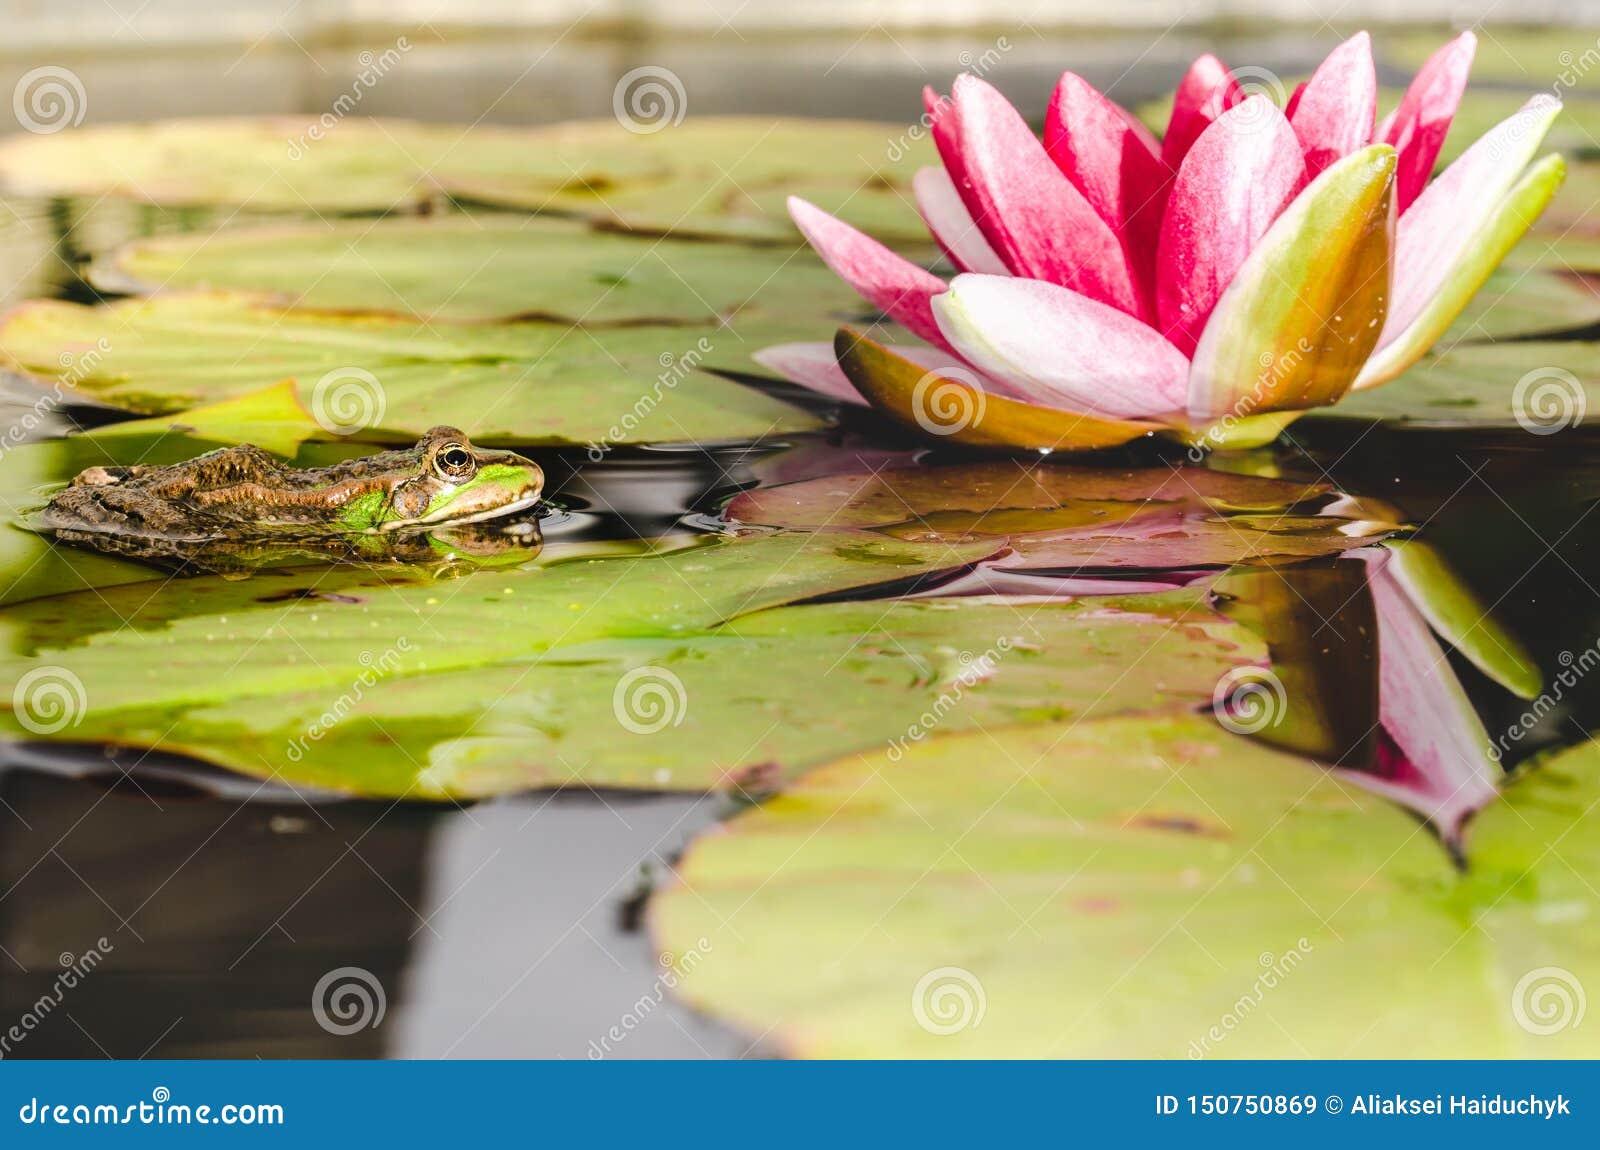 Frosch auf einem Blatt einer Seerose in einem Teich nahe einer Lilienblume Sch?ne Natur